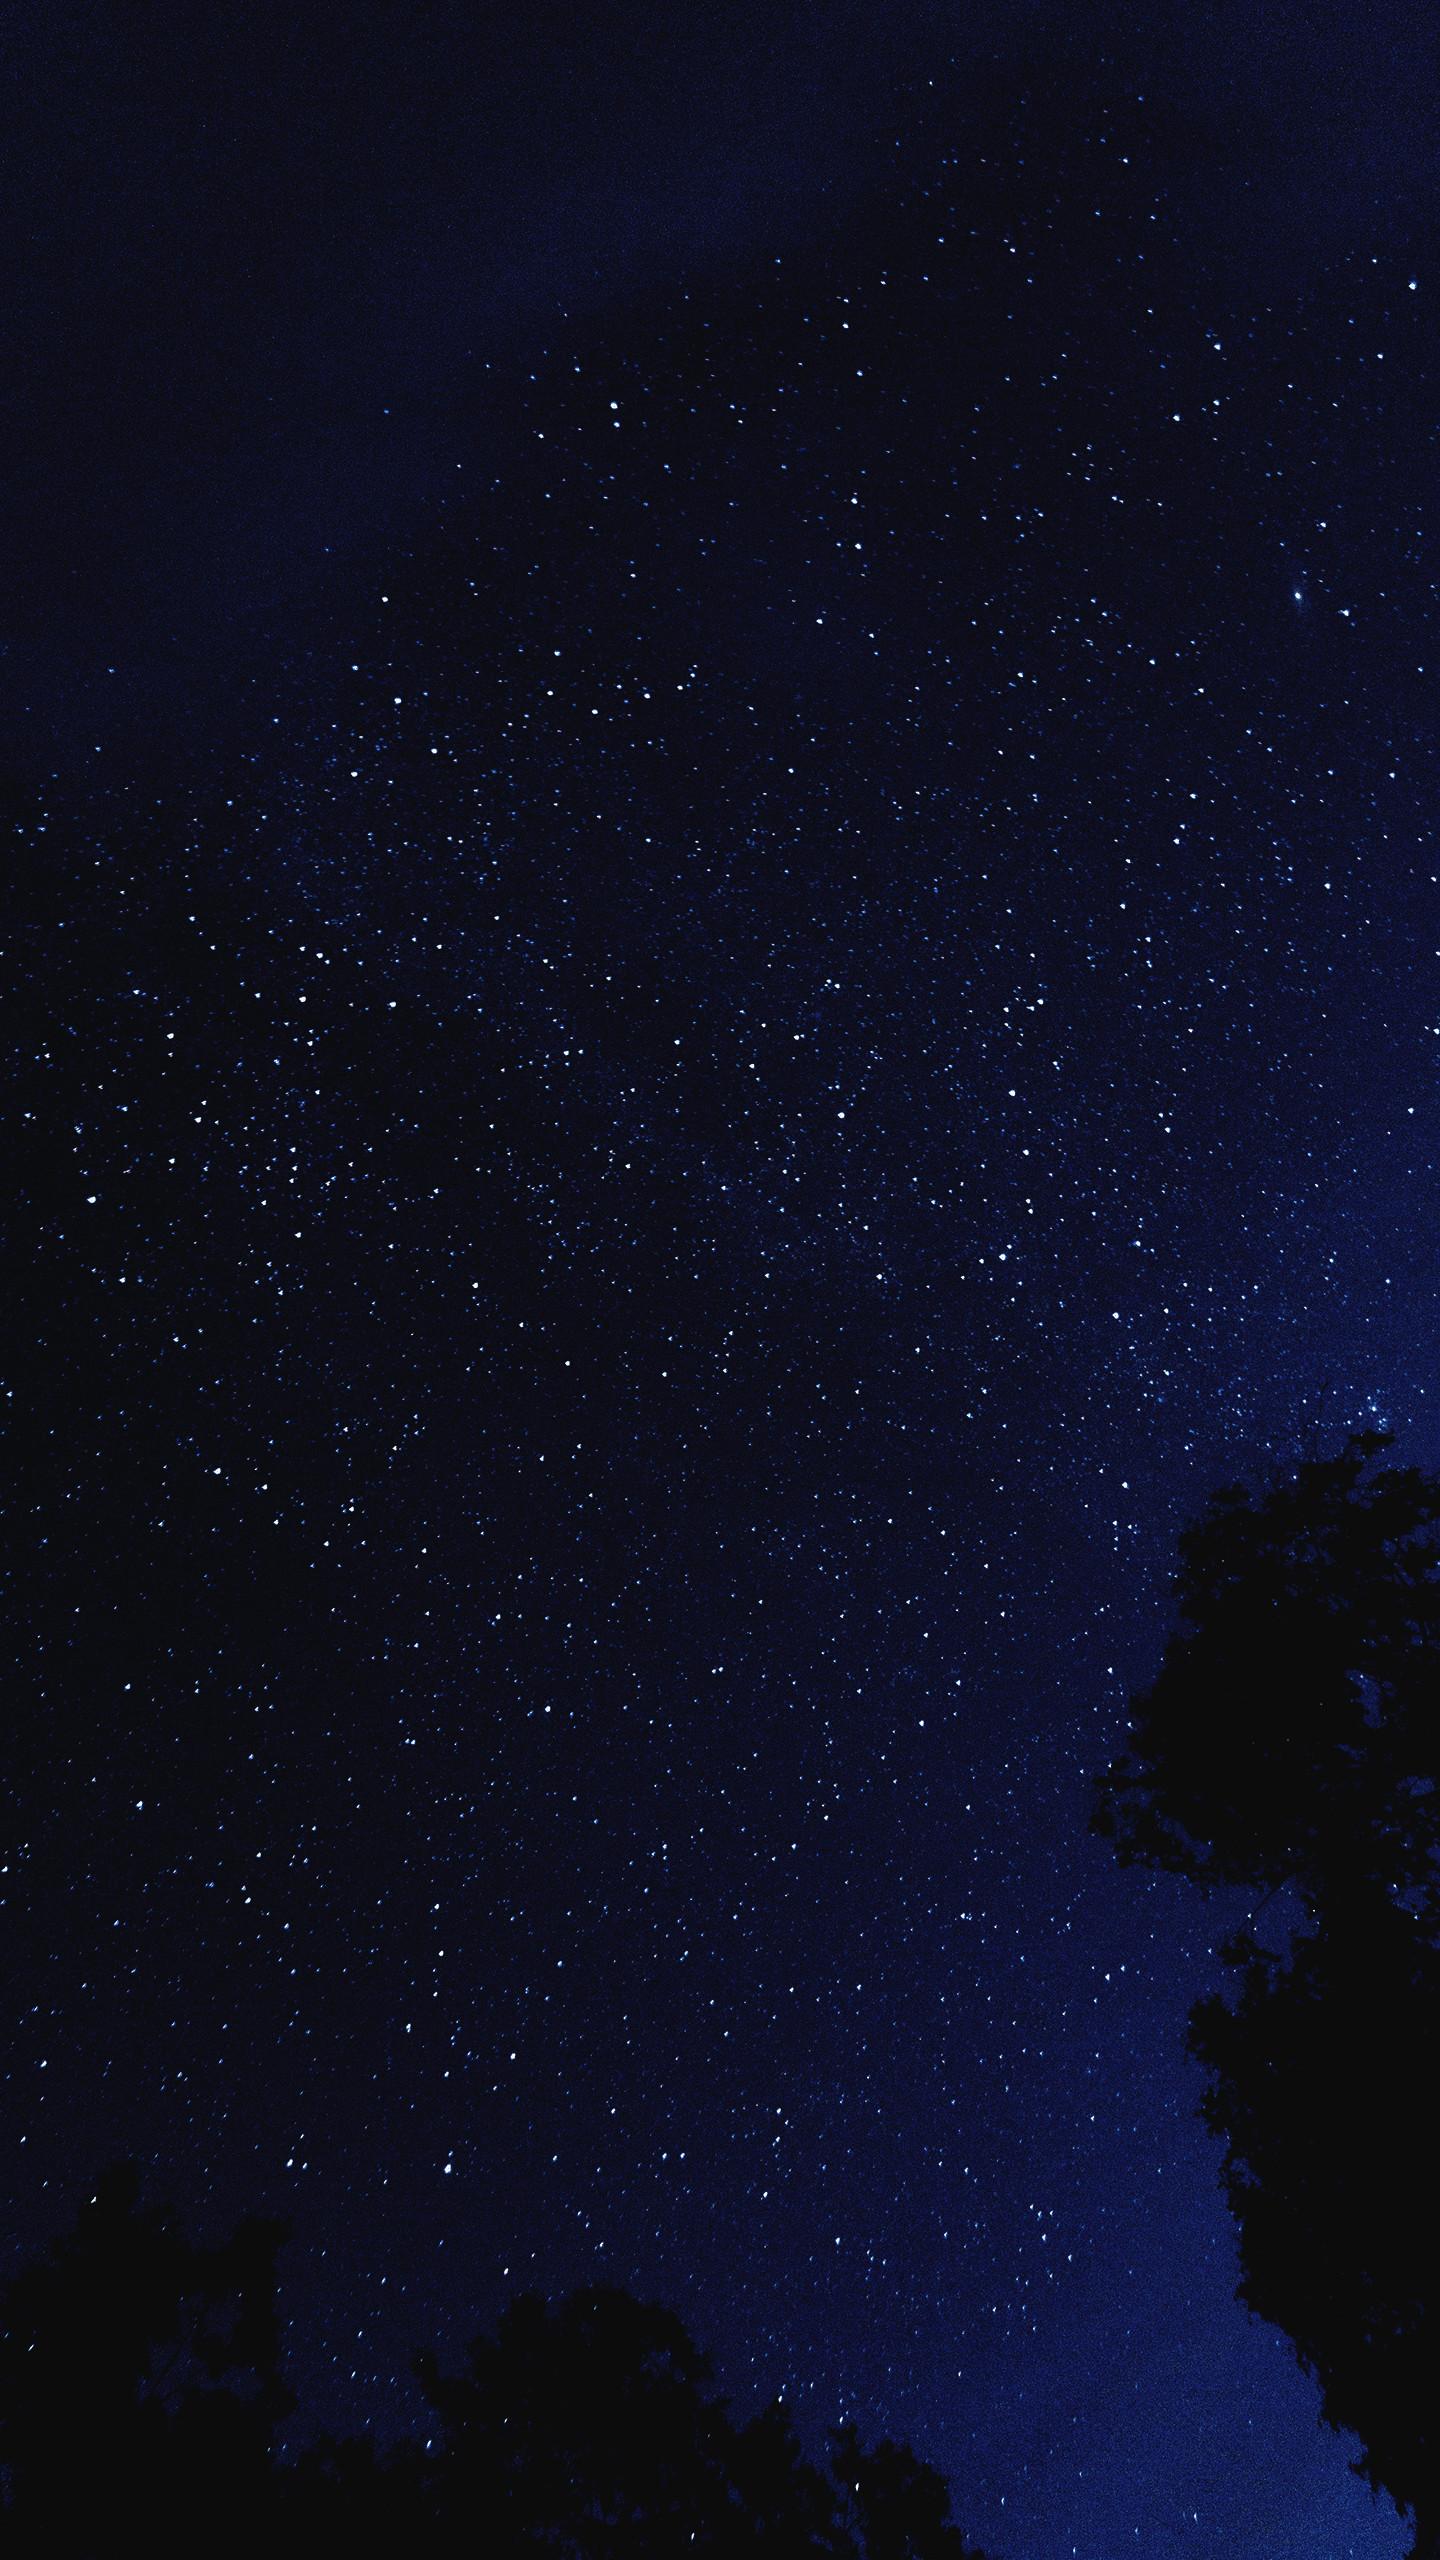 Sfondi stellati 72 immagini for Sfondi desktop aurora boreale